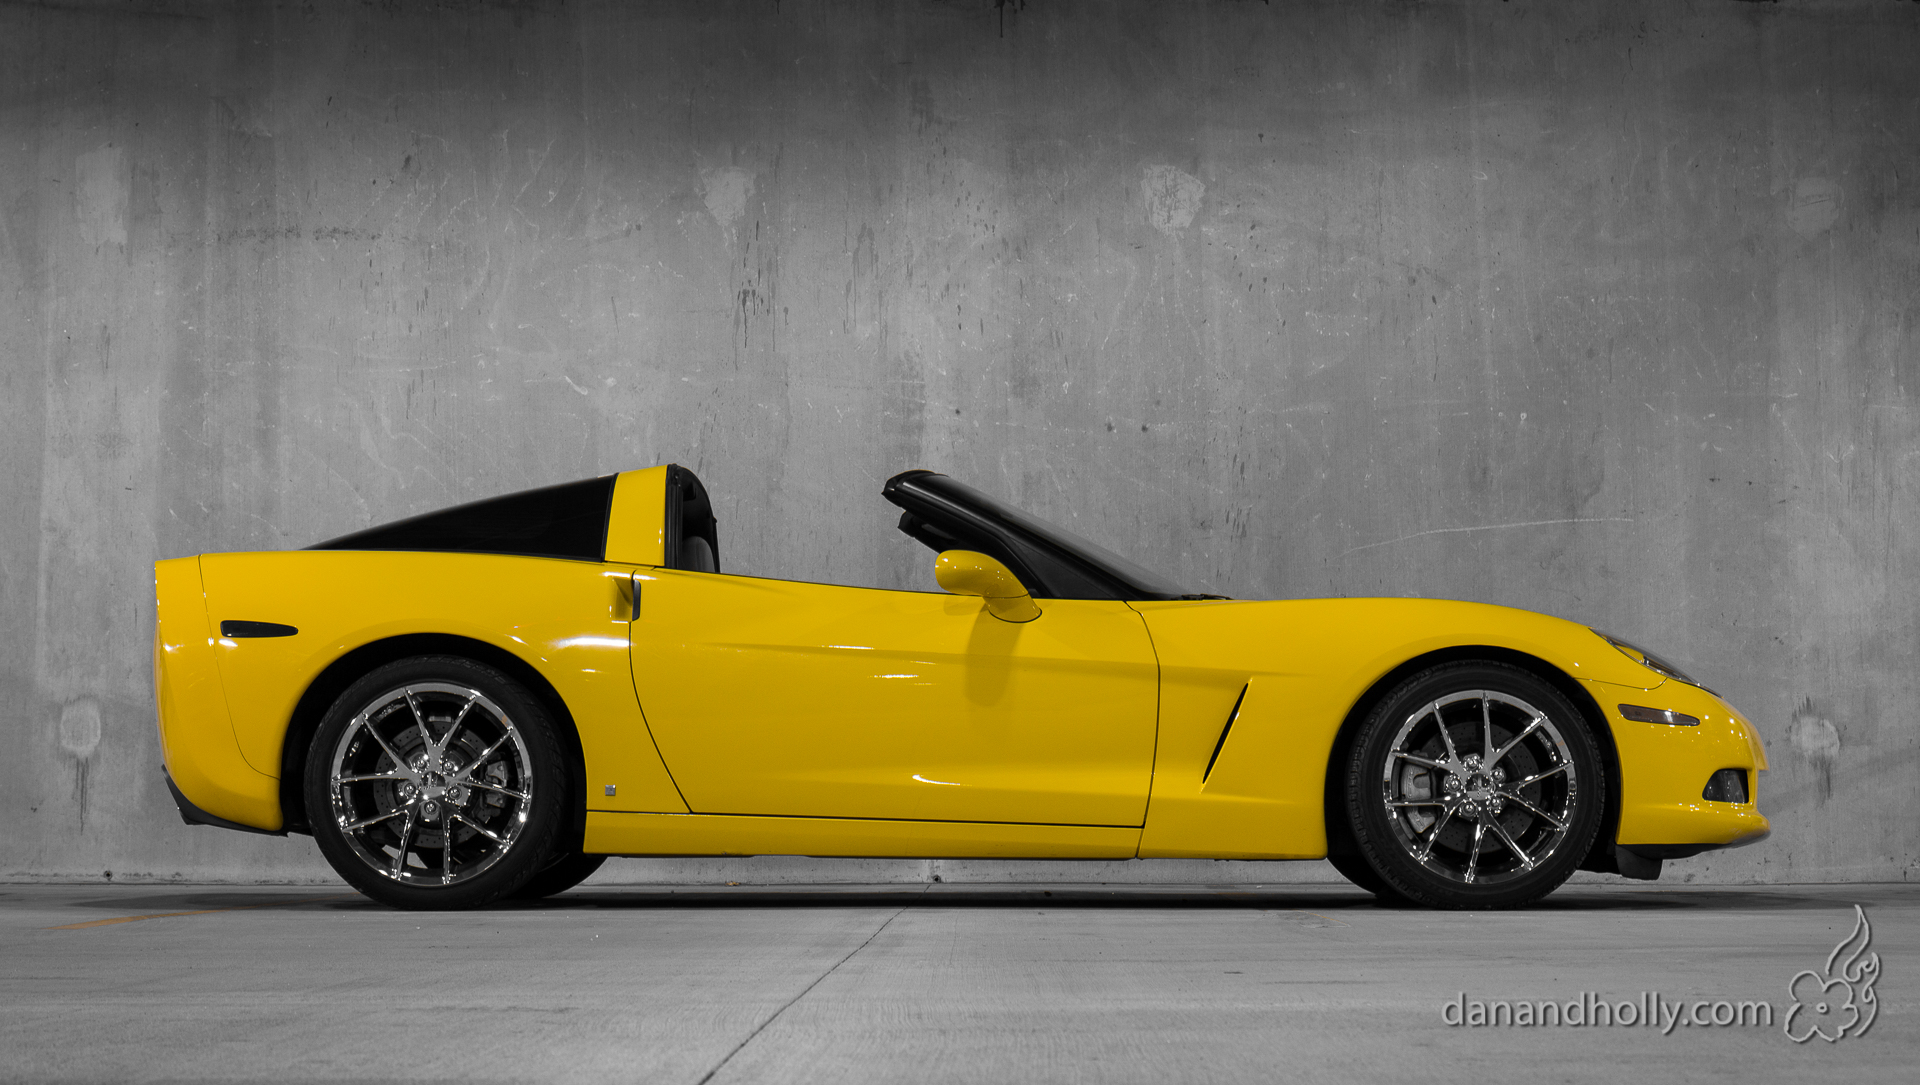 POTW: Little Yellow Corvette